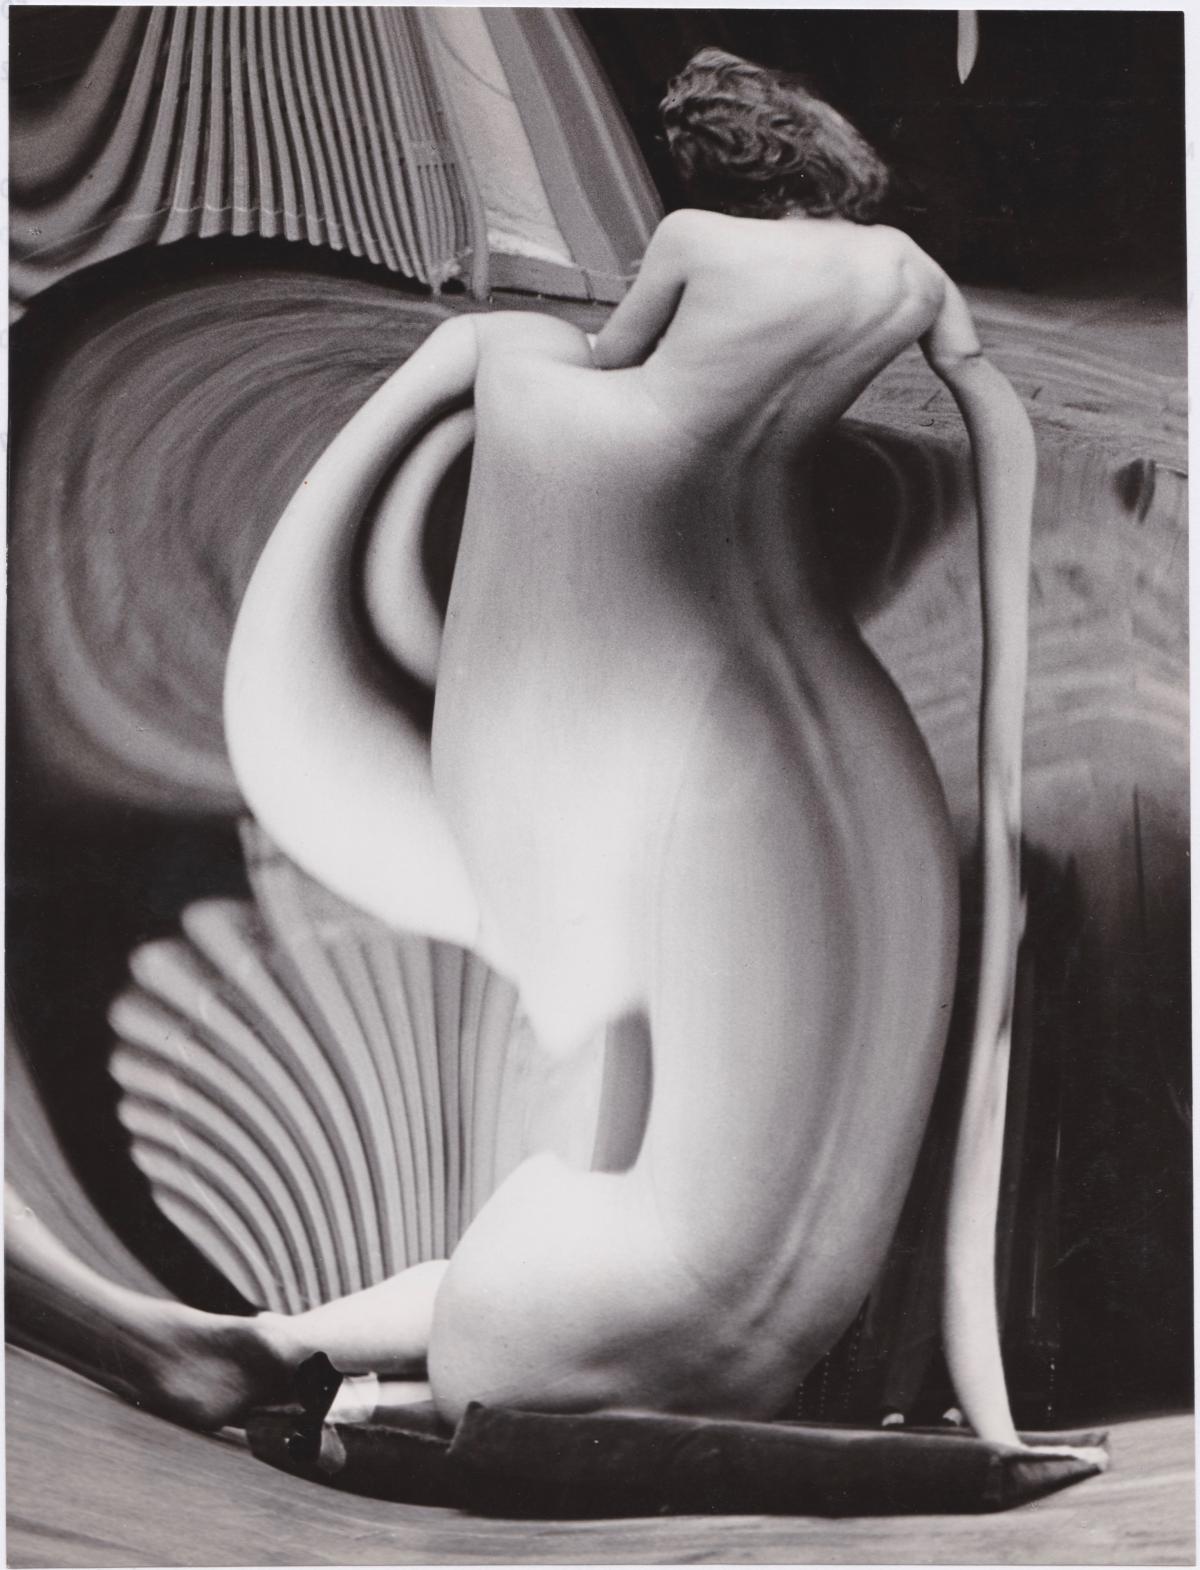 André Kertész | Distortion #82